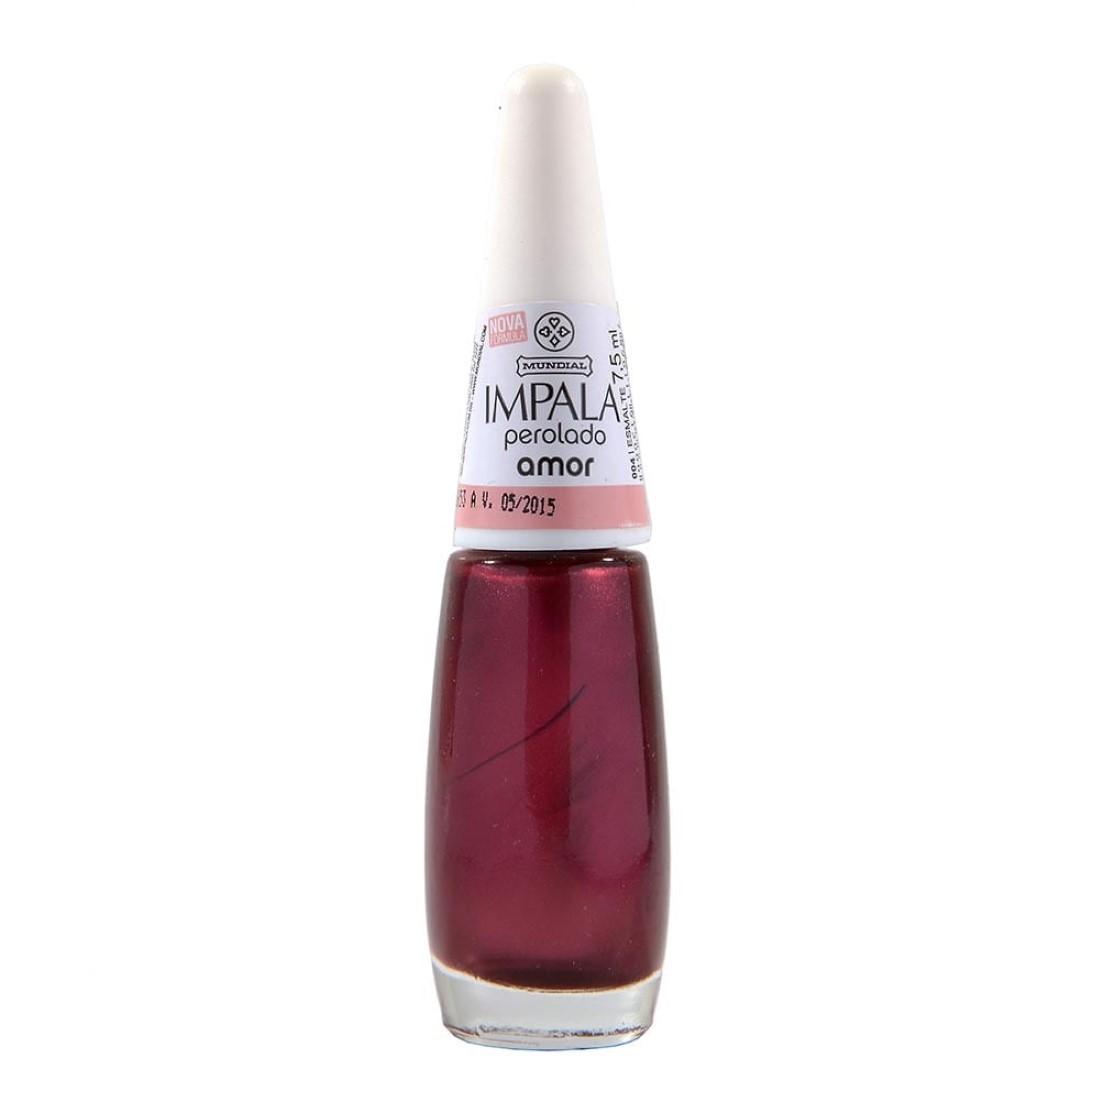 Esmalte Perolado Amor - Impala